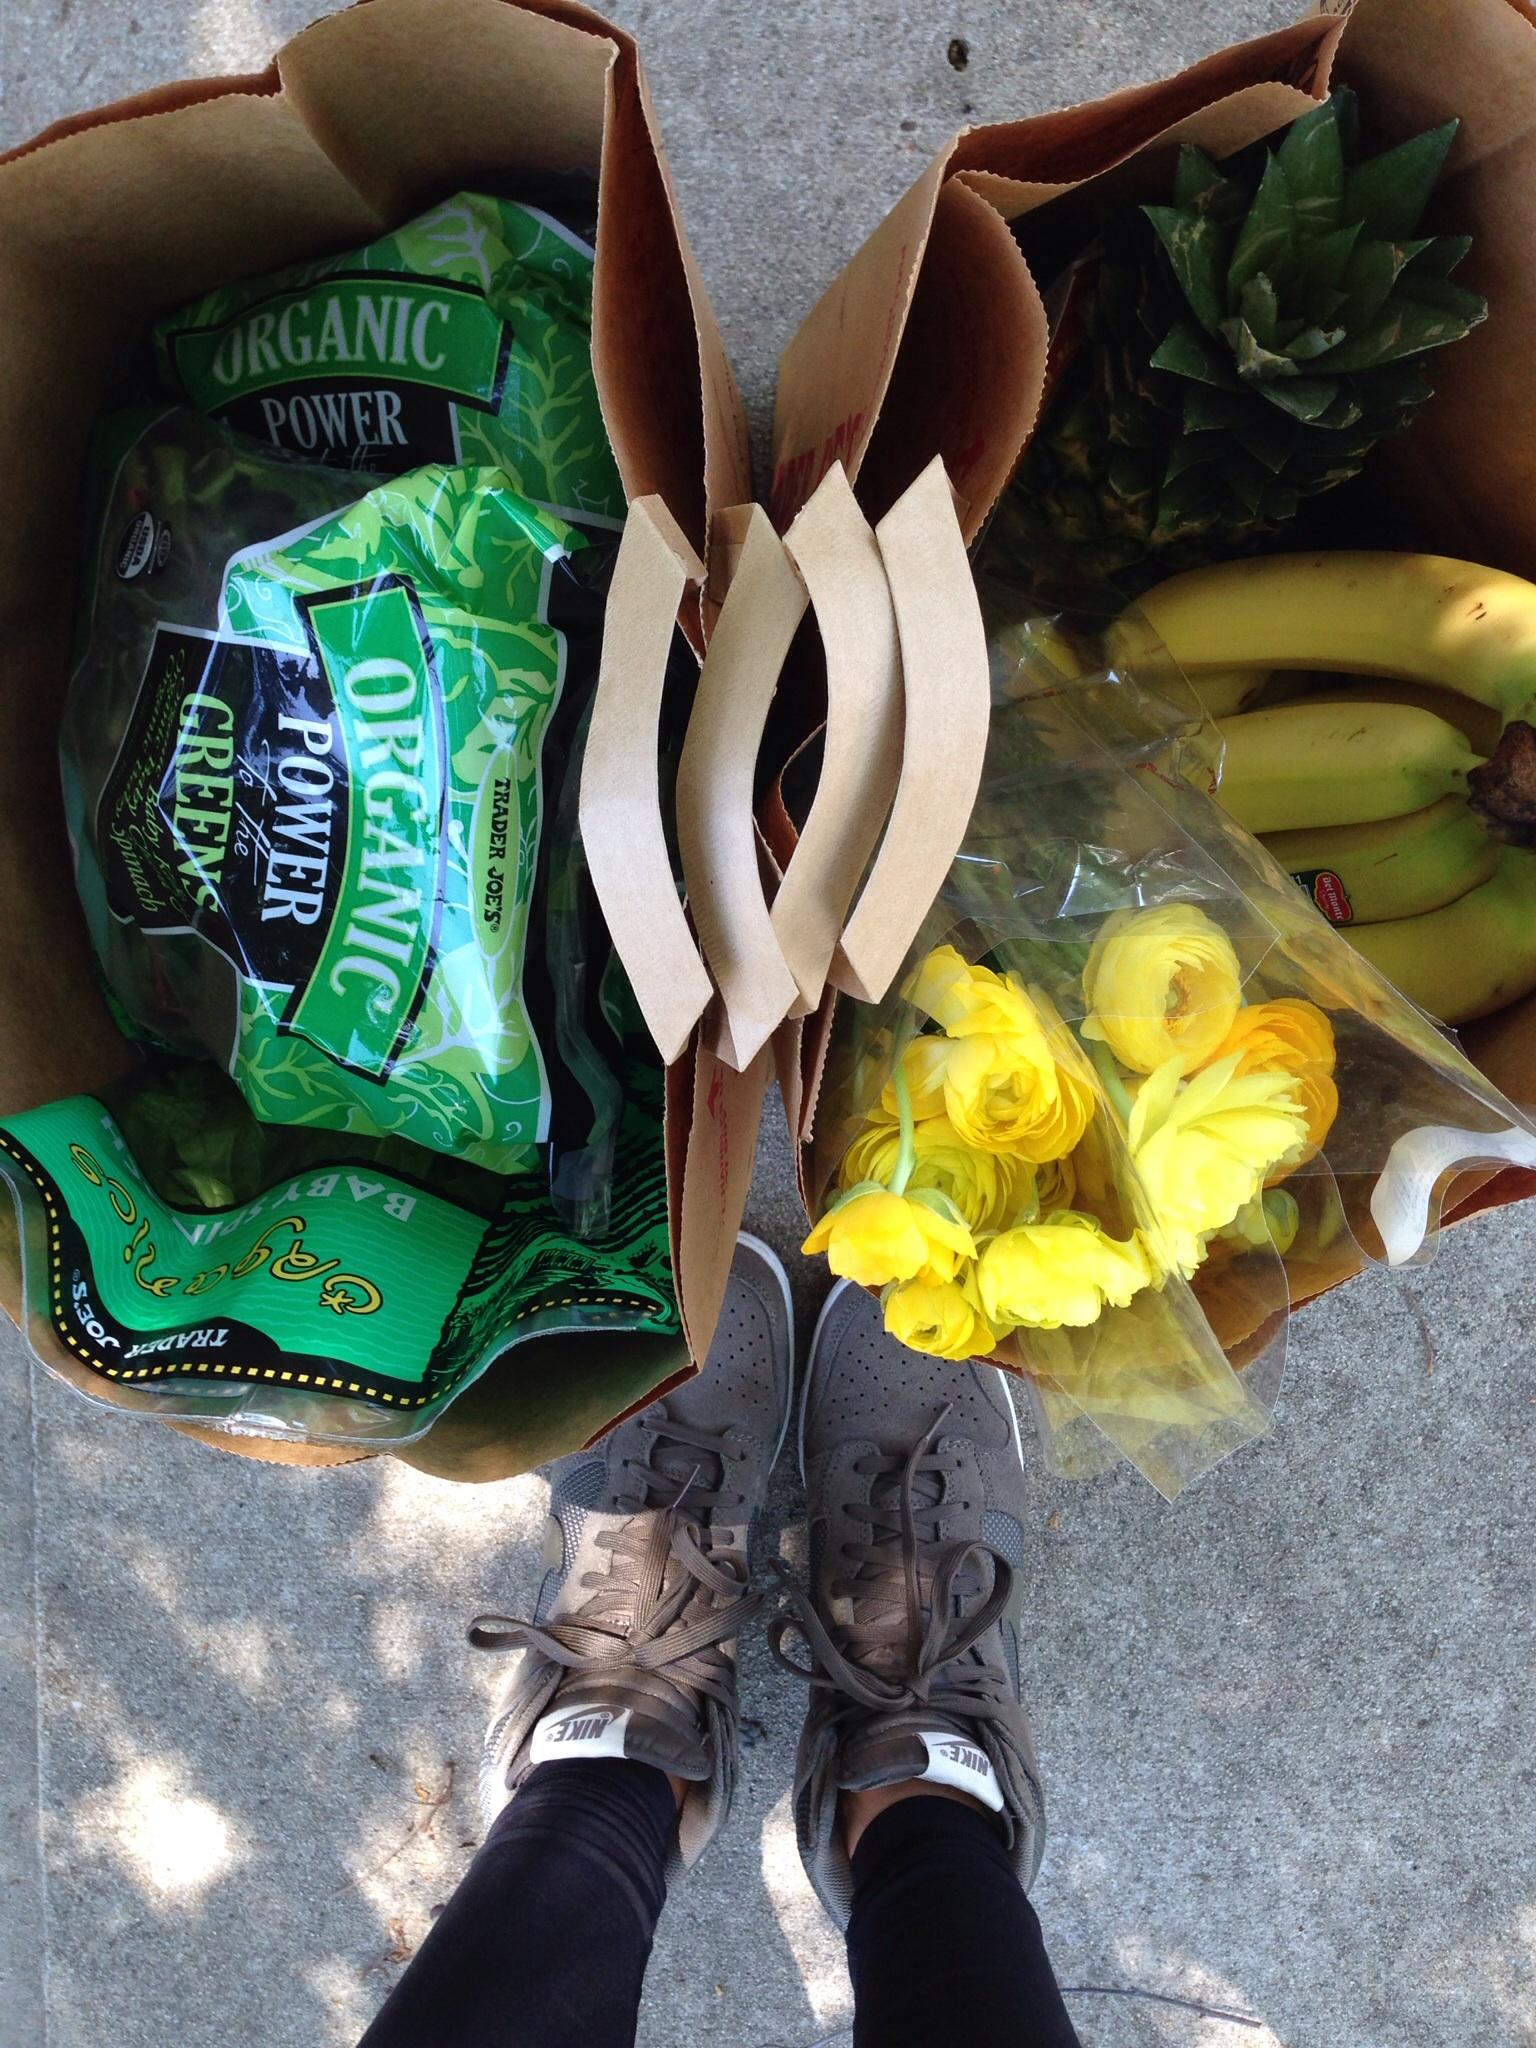 trader joes groceries